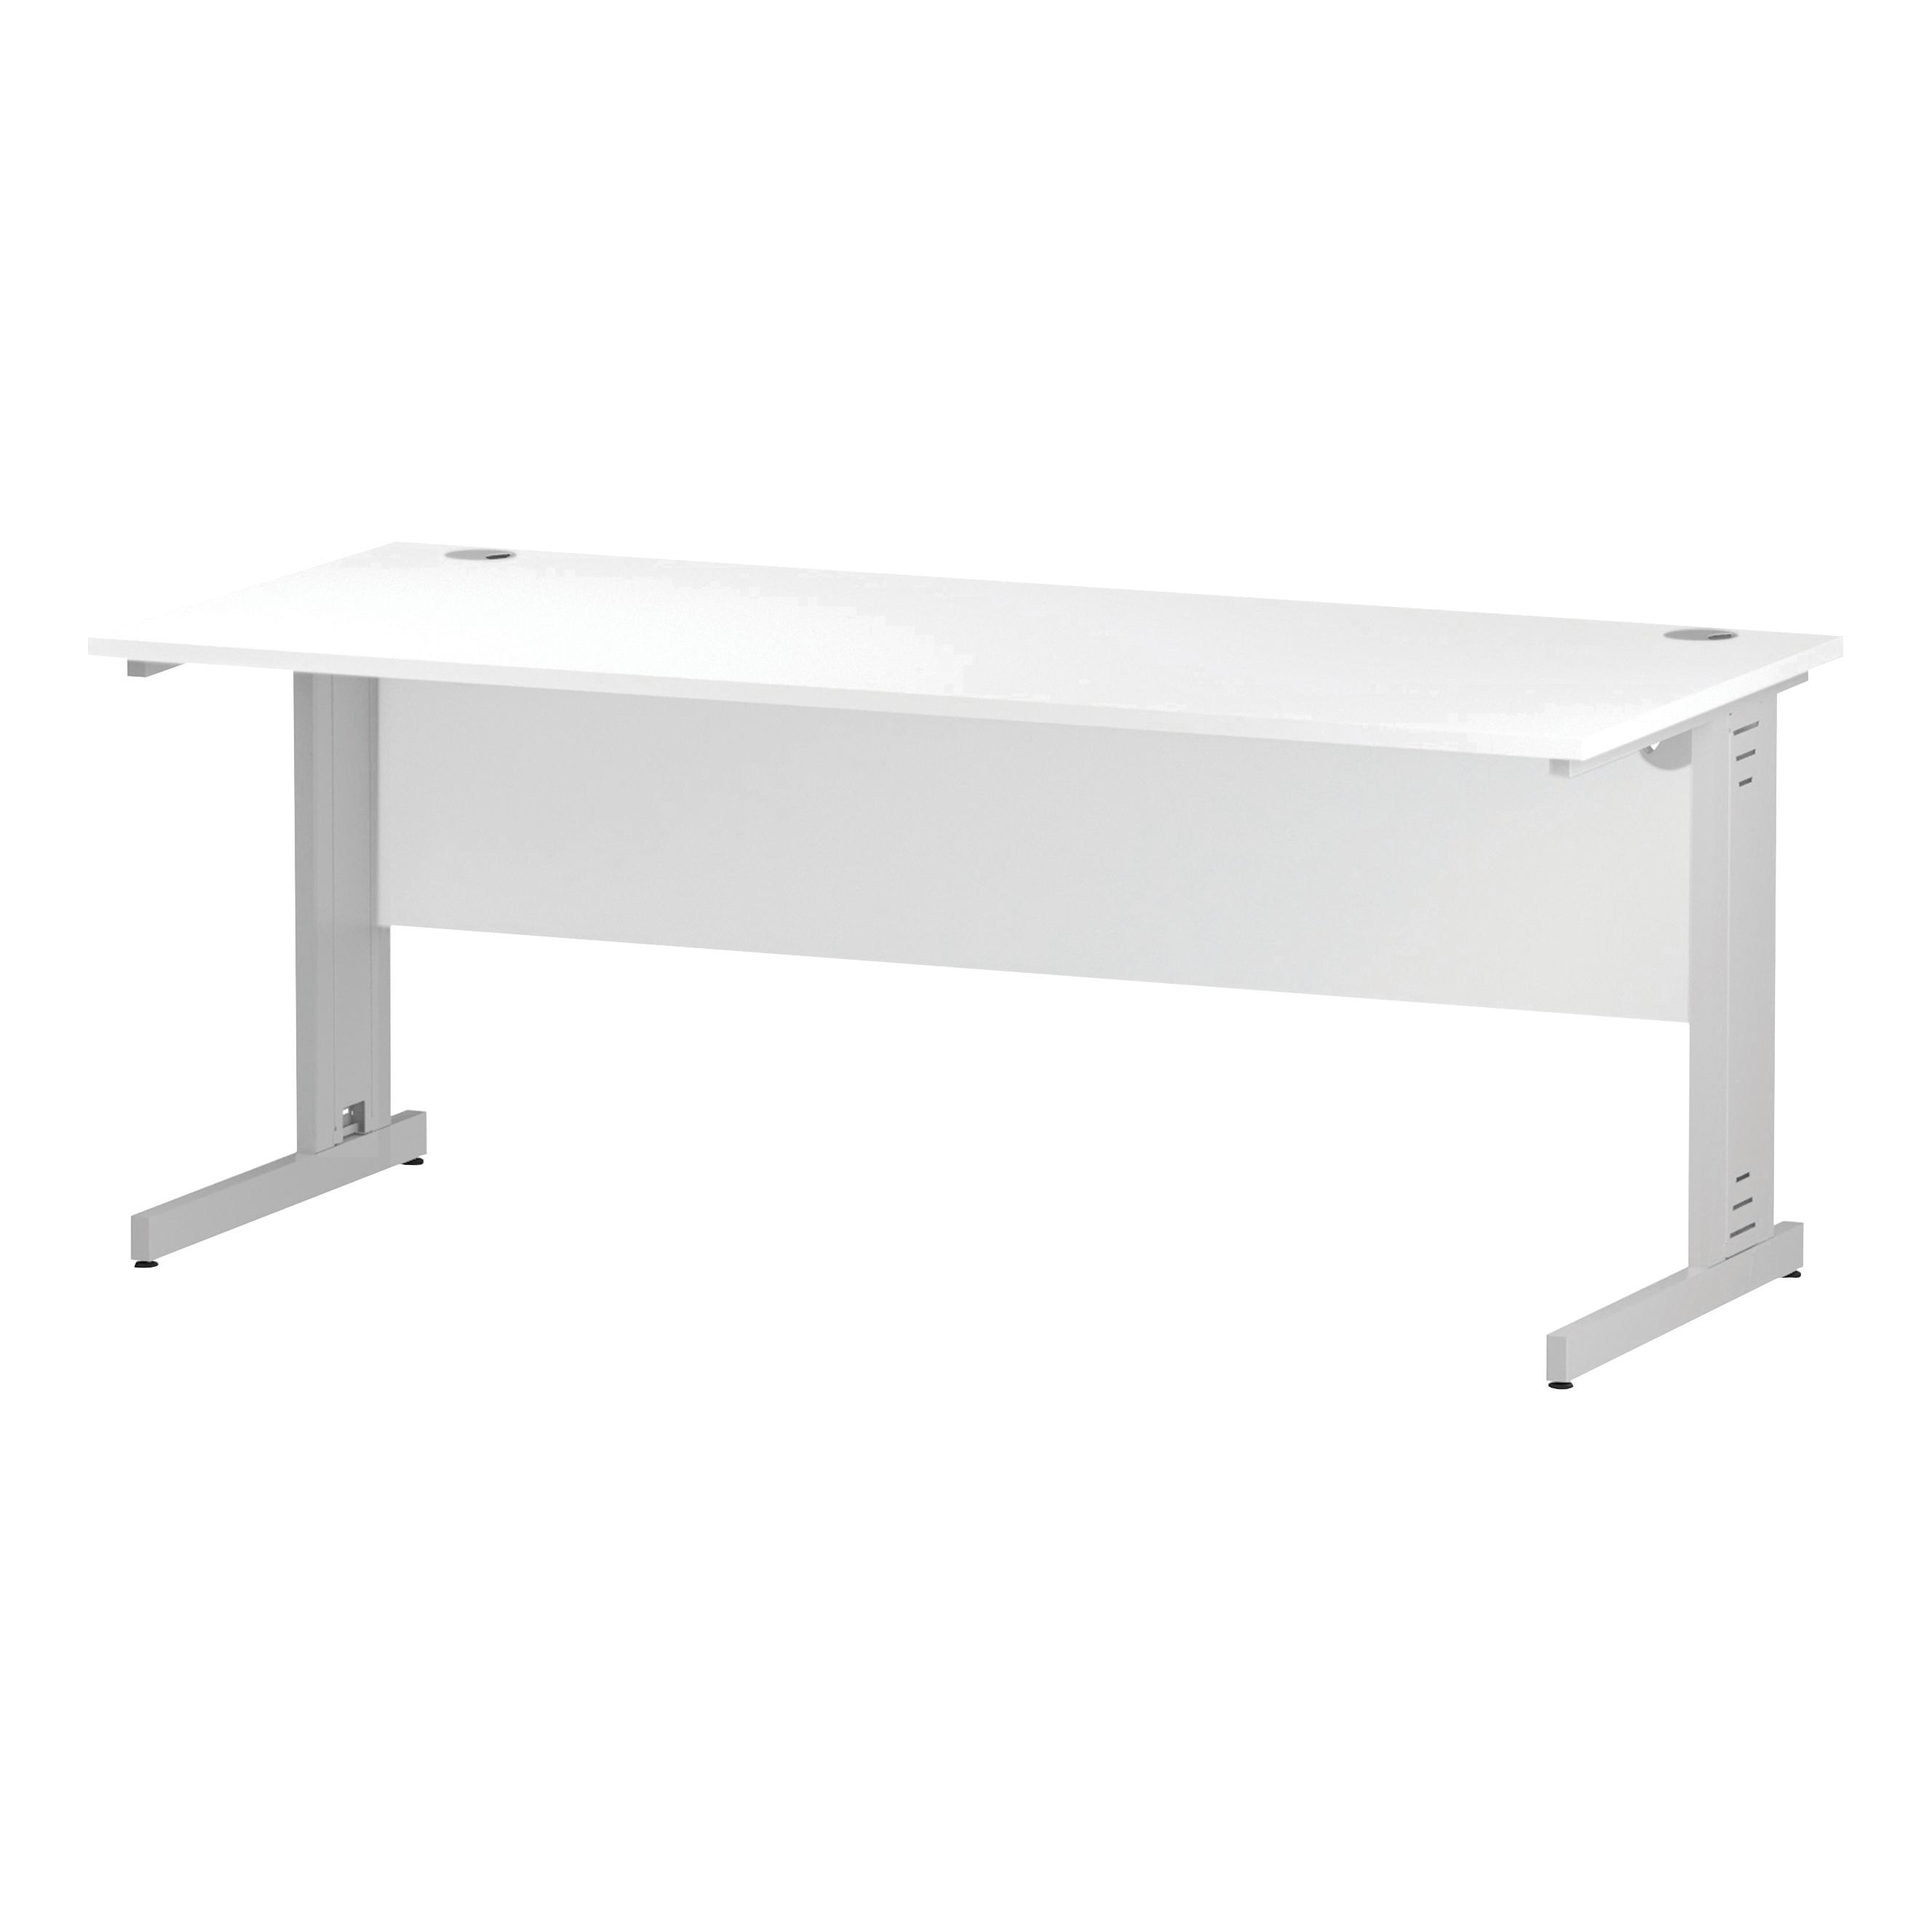 Trexus Rectangular Desk White Cable Managed Leg 1800x800mm White Ref I002274